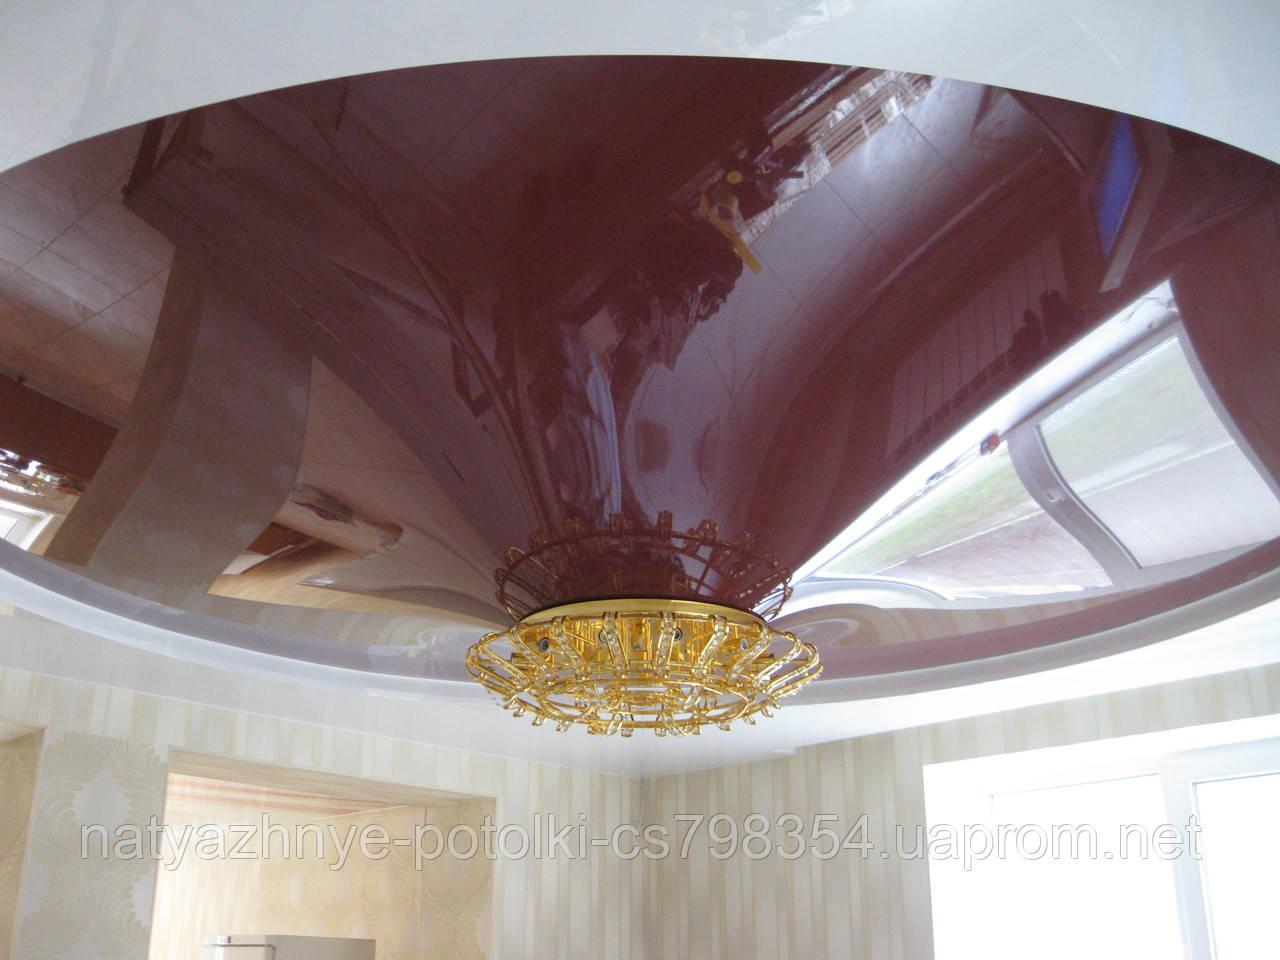 какие потолки лучше натяжные либо гипсокартон